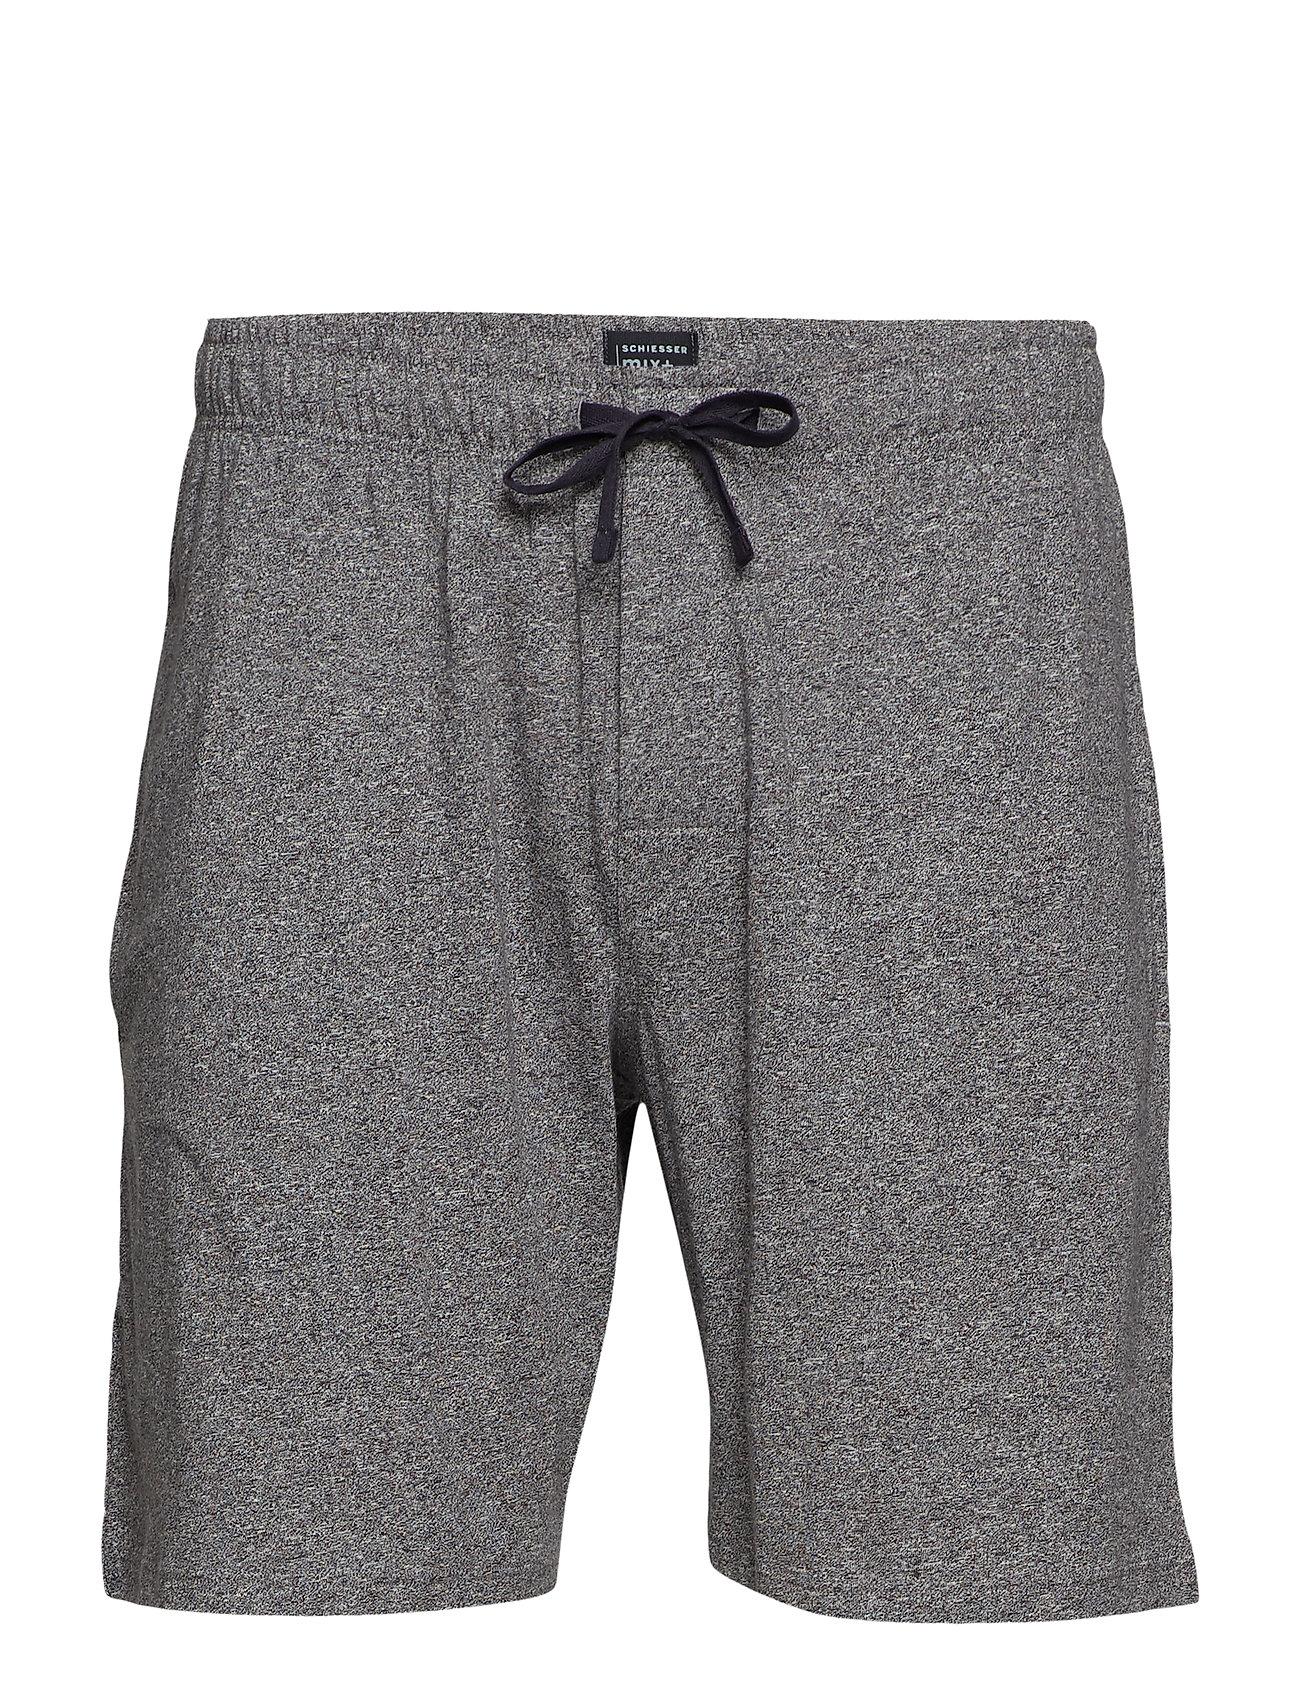 Schiesser Shorts - DARKGREY-MEL.